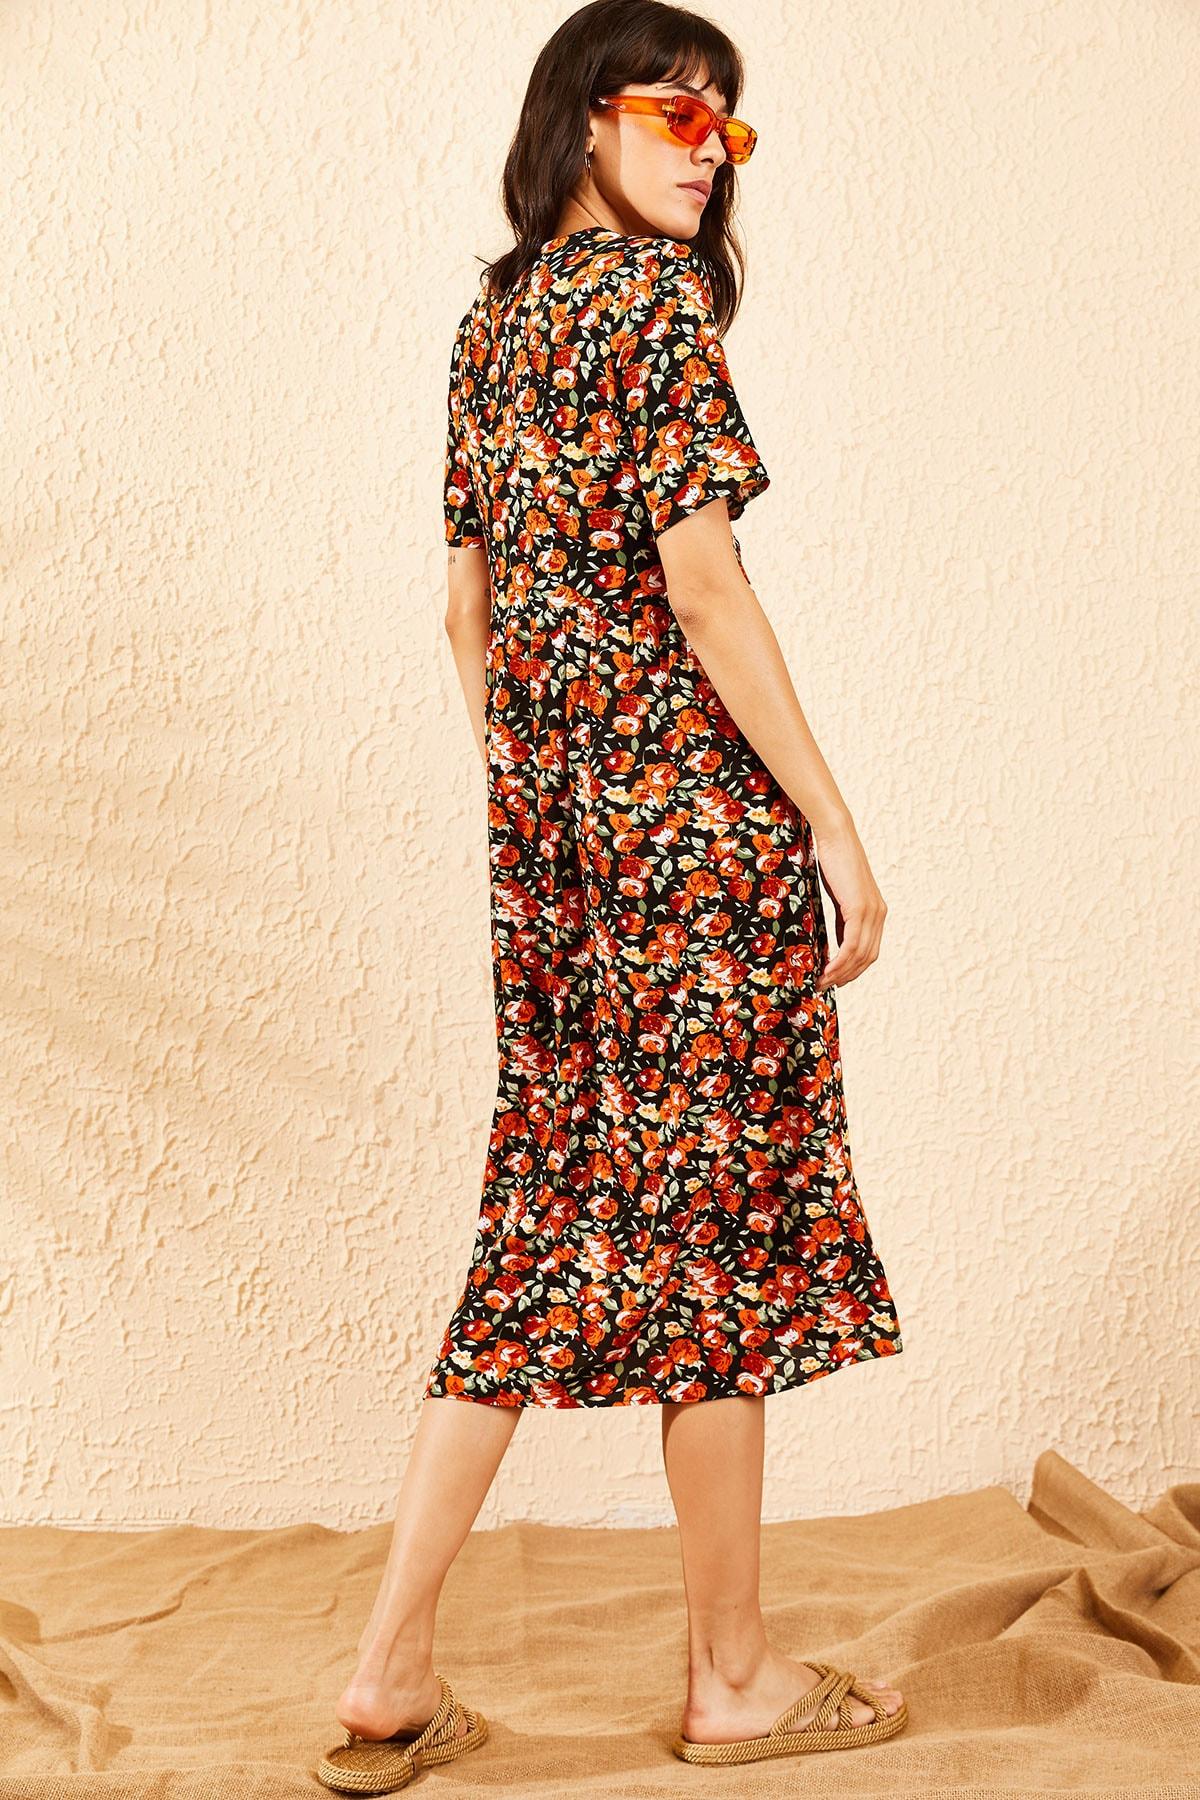 Bianco Lucci Kadın Turuncu Çiçek Desenli Beli Kuşaklı Düğmeli Rahat Elbise 10091009 2